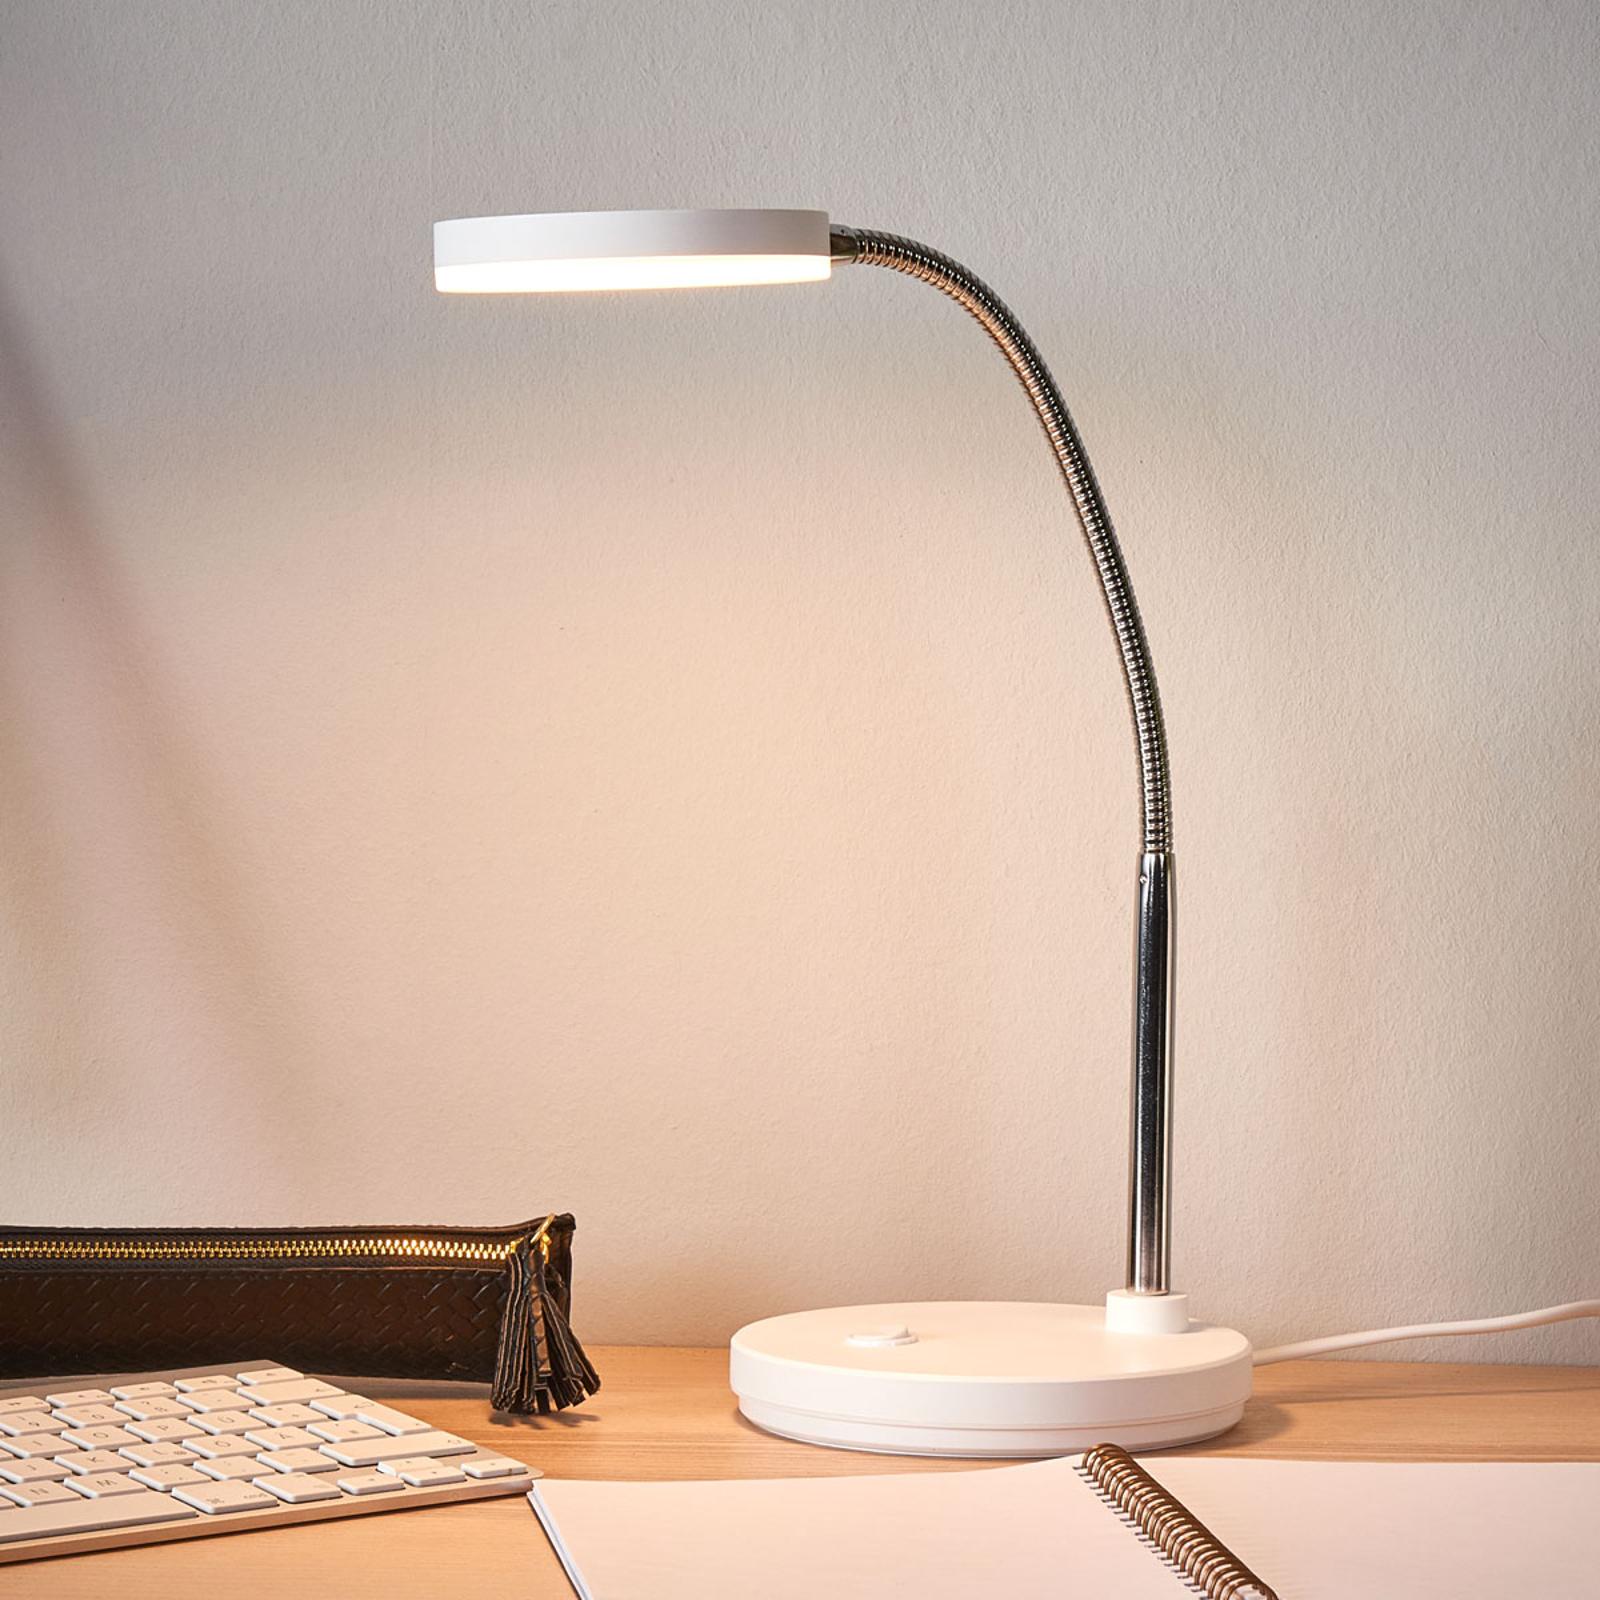 White LED desk lamp Milow_9643026_1